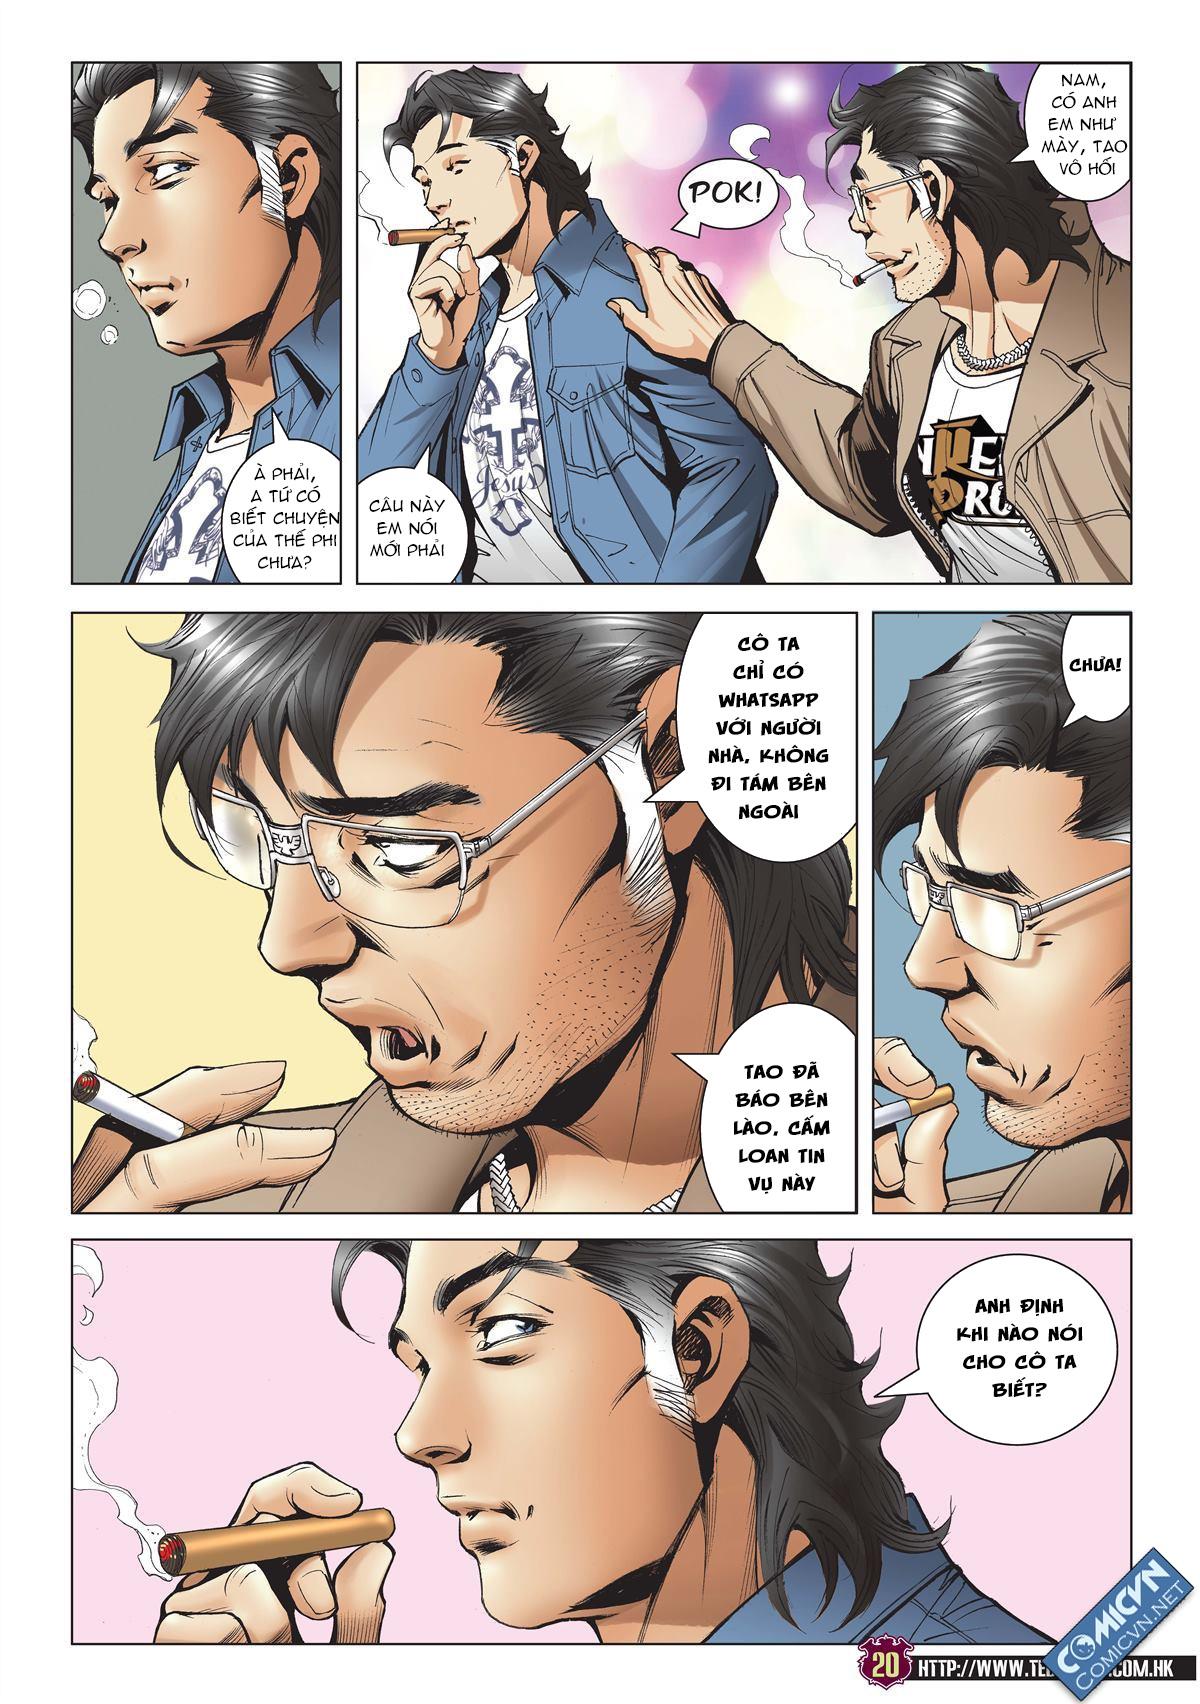 Người Trong Giang Hồ - Hồng Hưng Độc Xà Chapter 2002 - BigTruyen.net